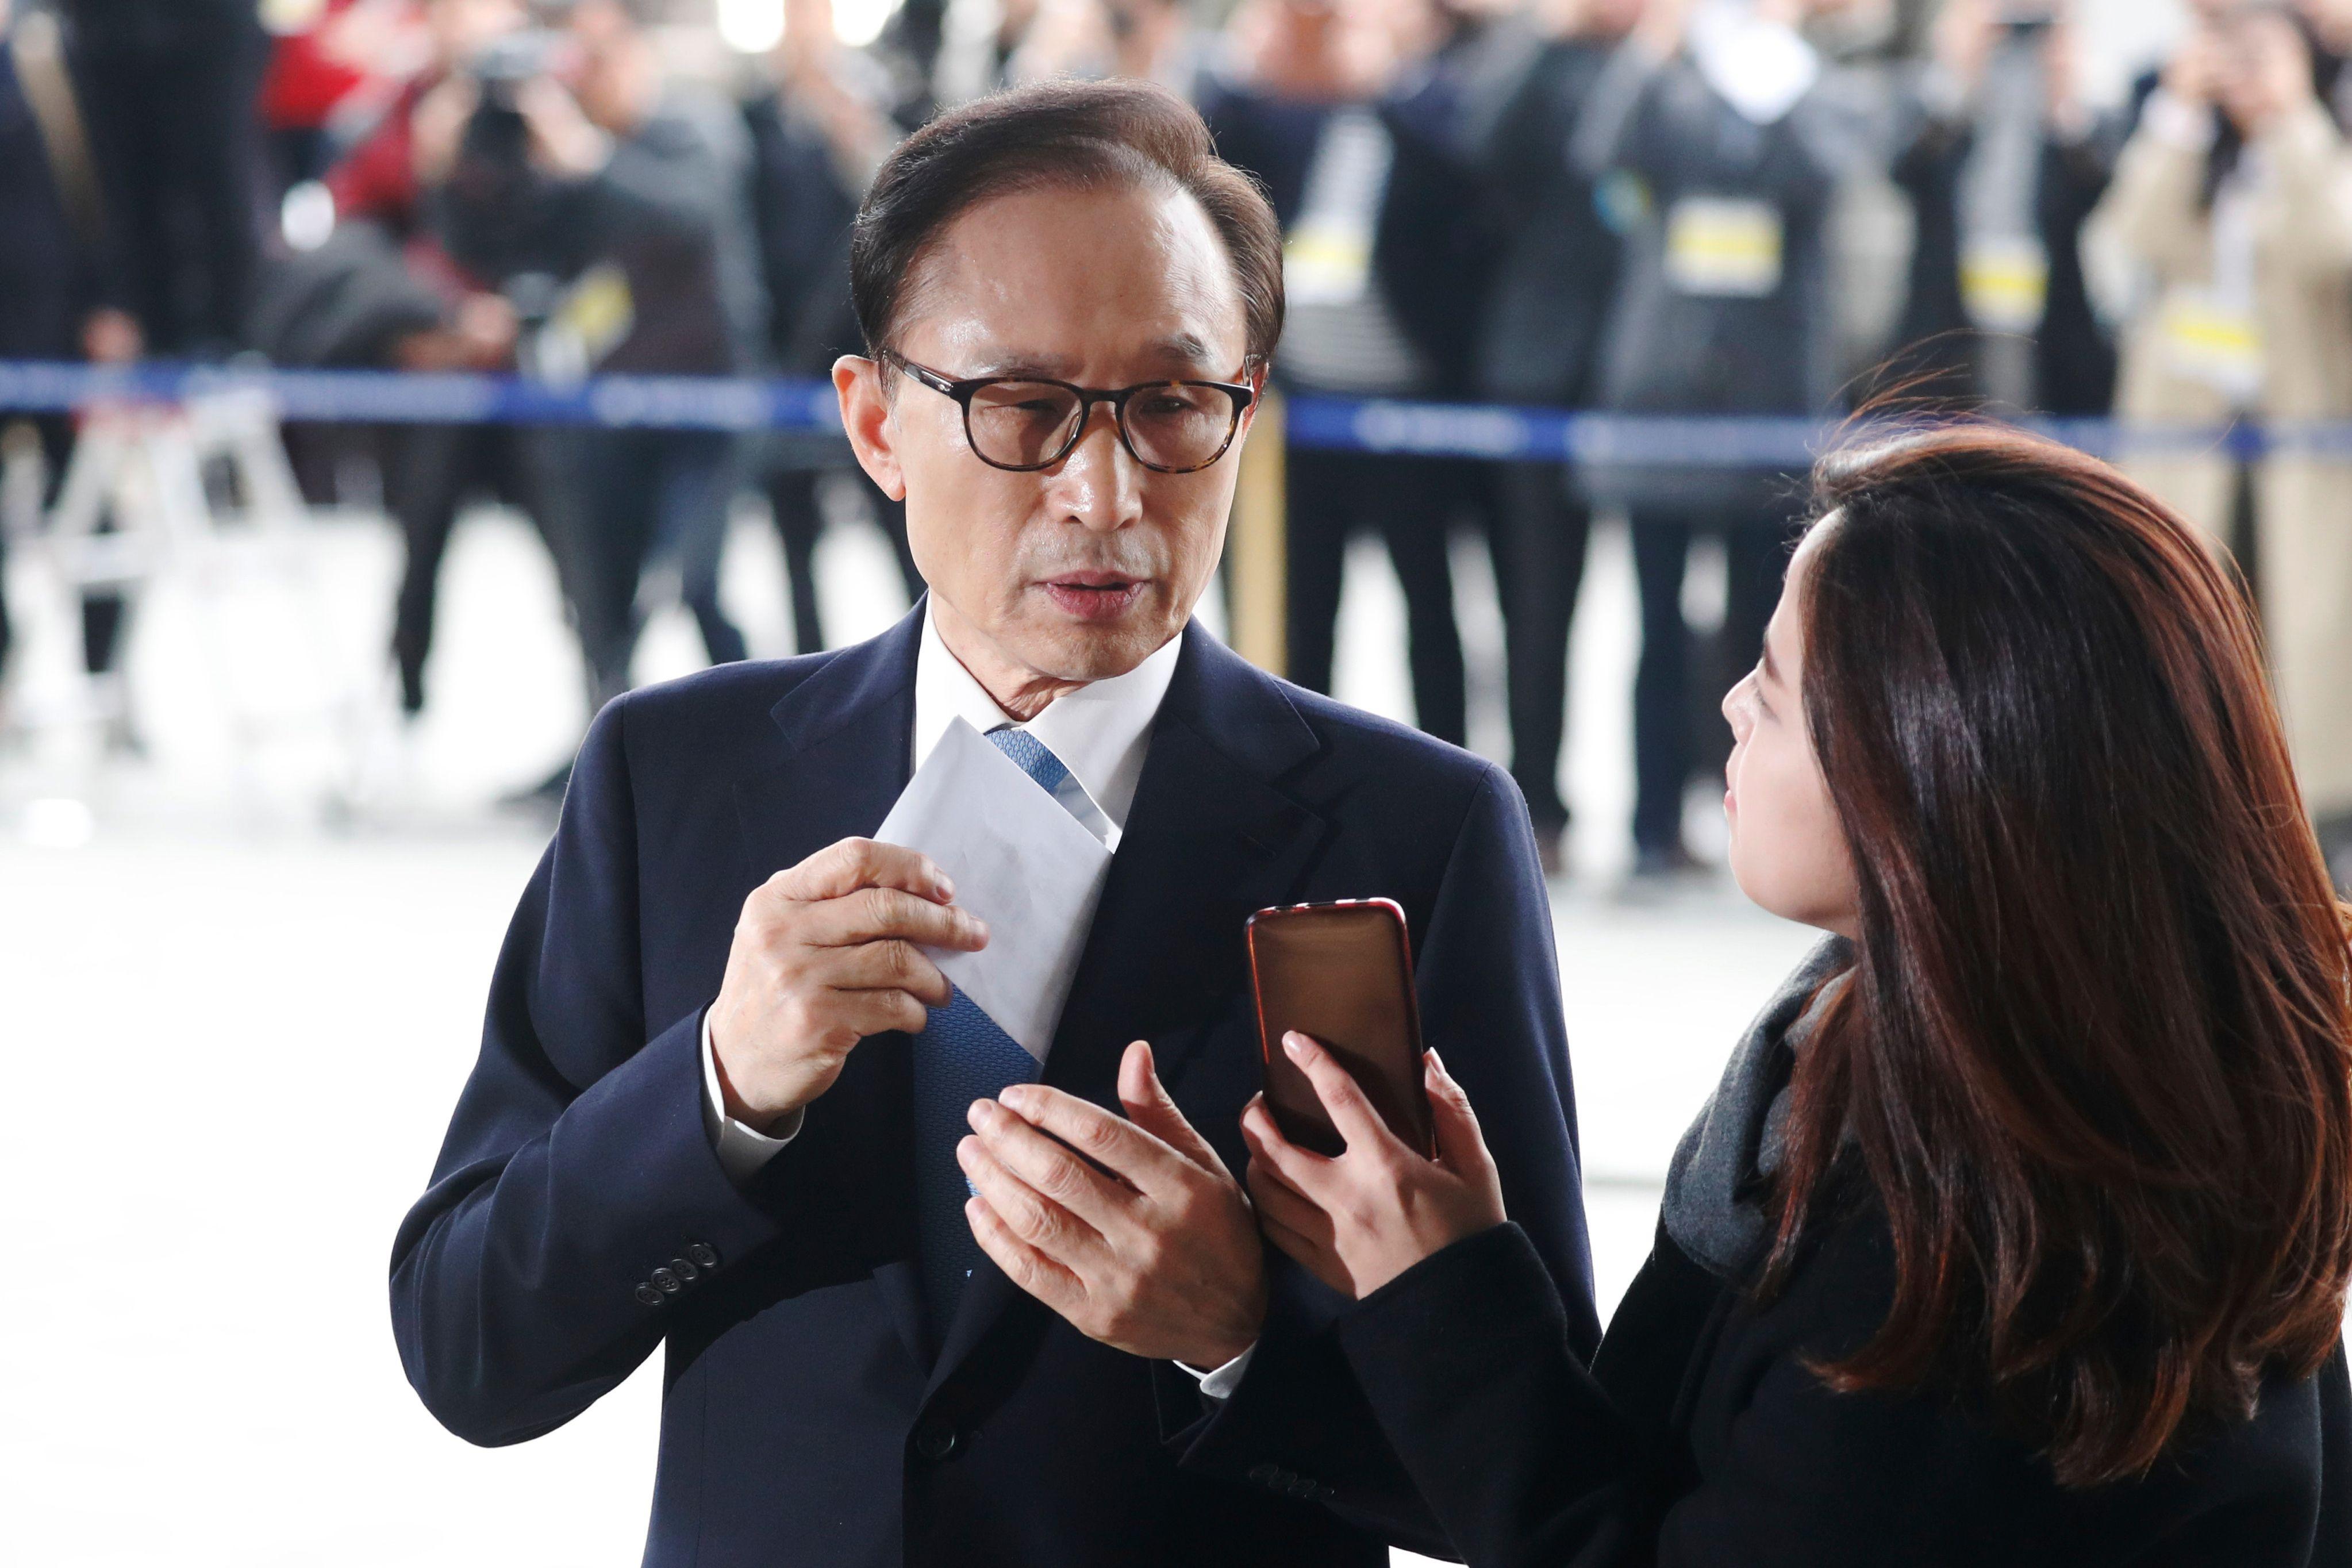 رئيس كوريا الجنوبية السابق يدلى بتصريح قبل استجوابه